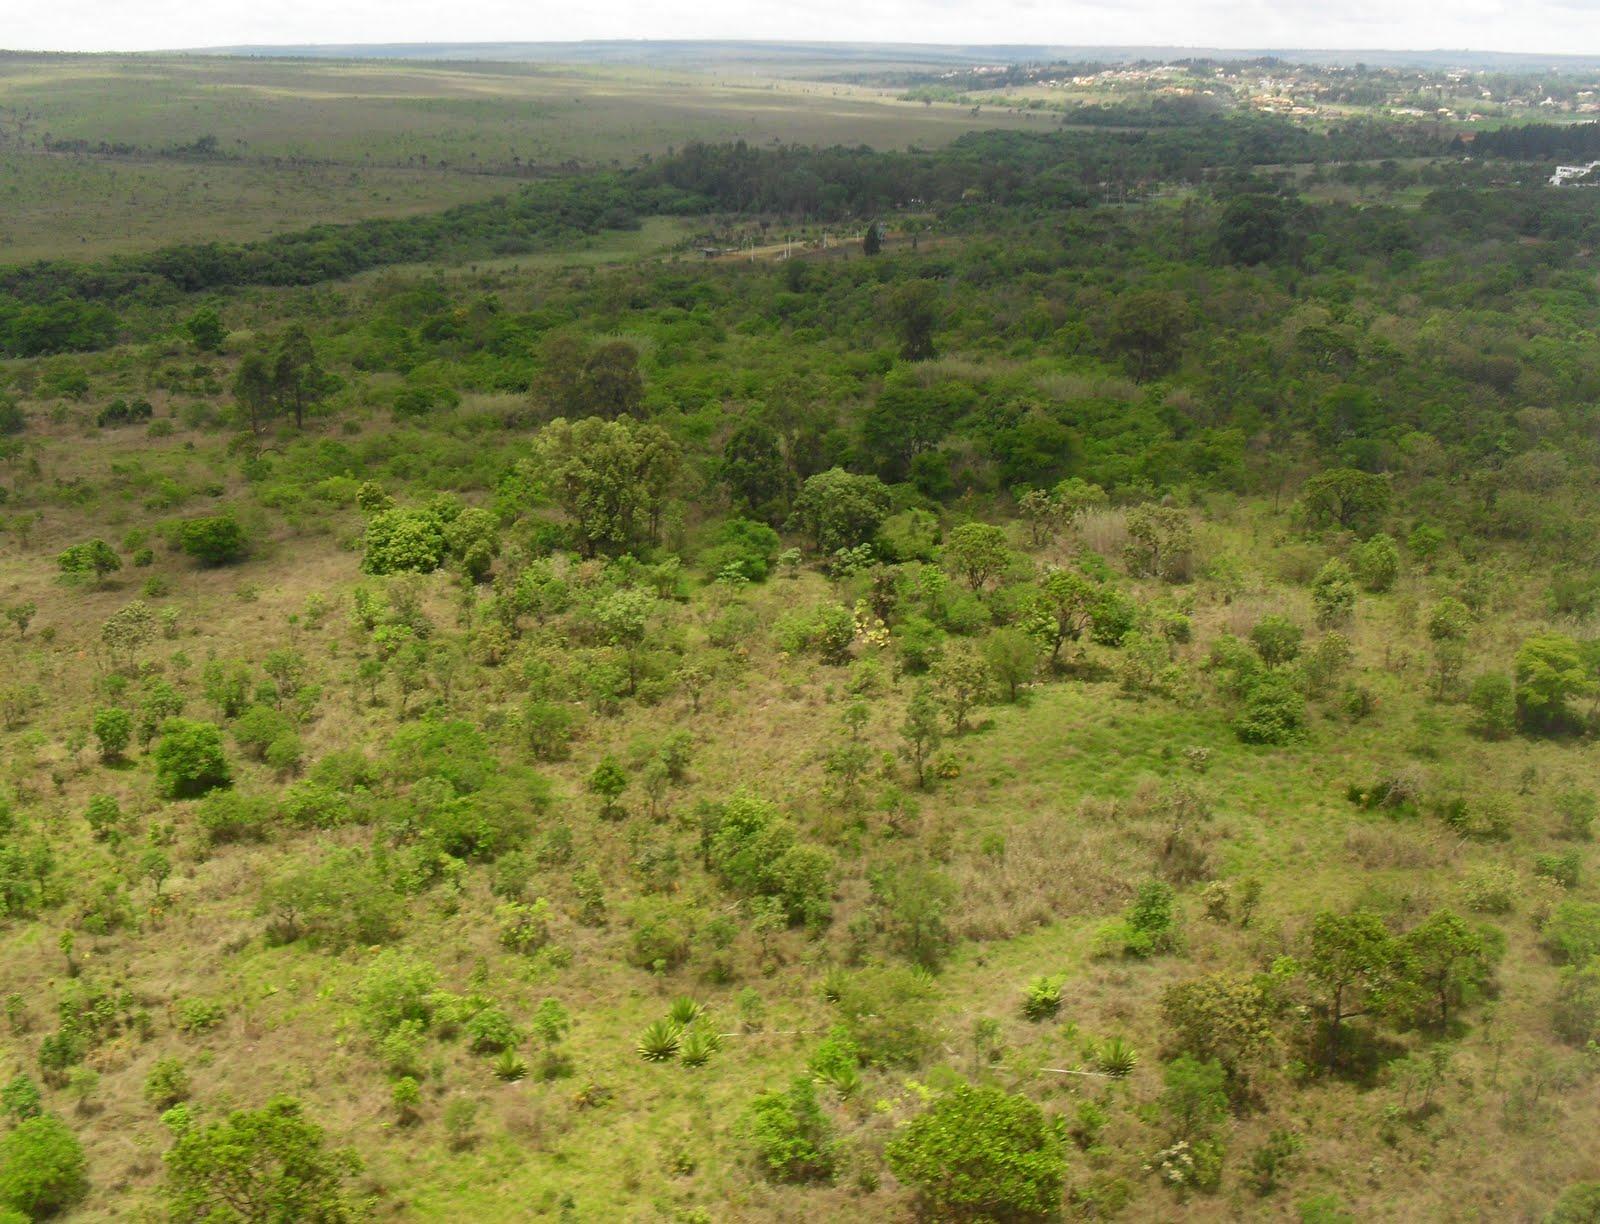 #Cerrado, Características do Cerrado Brasileiro